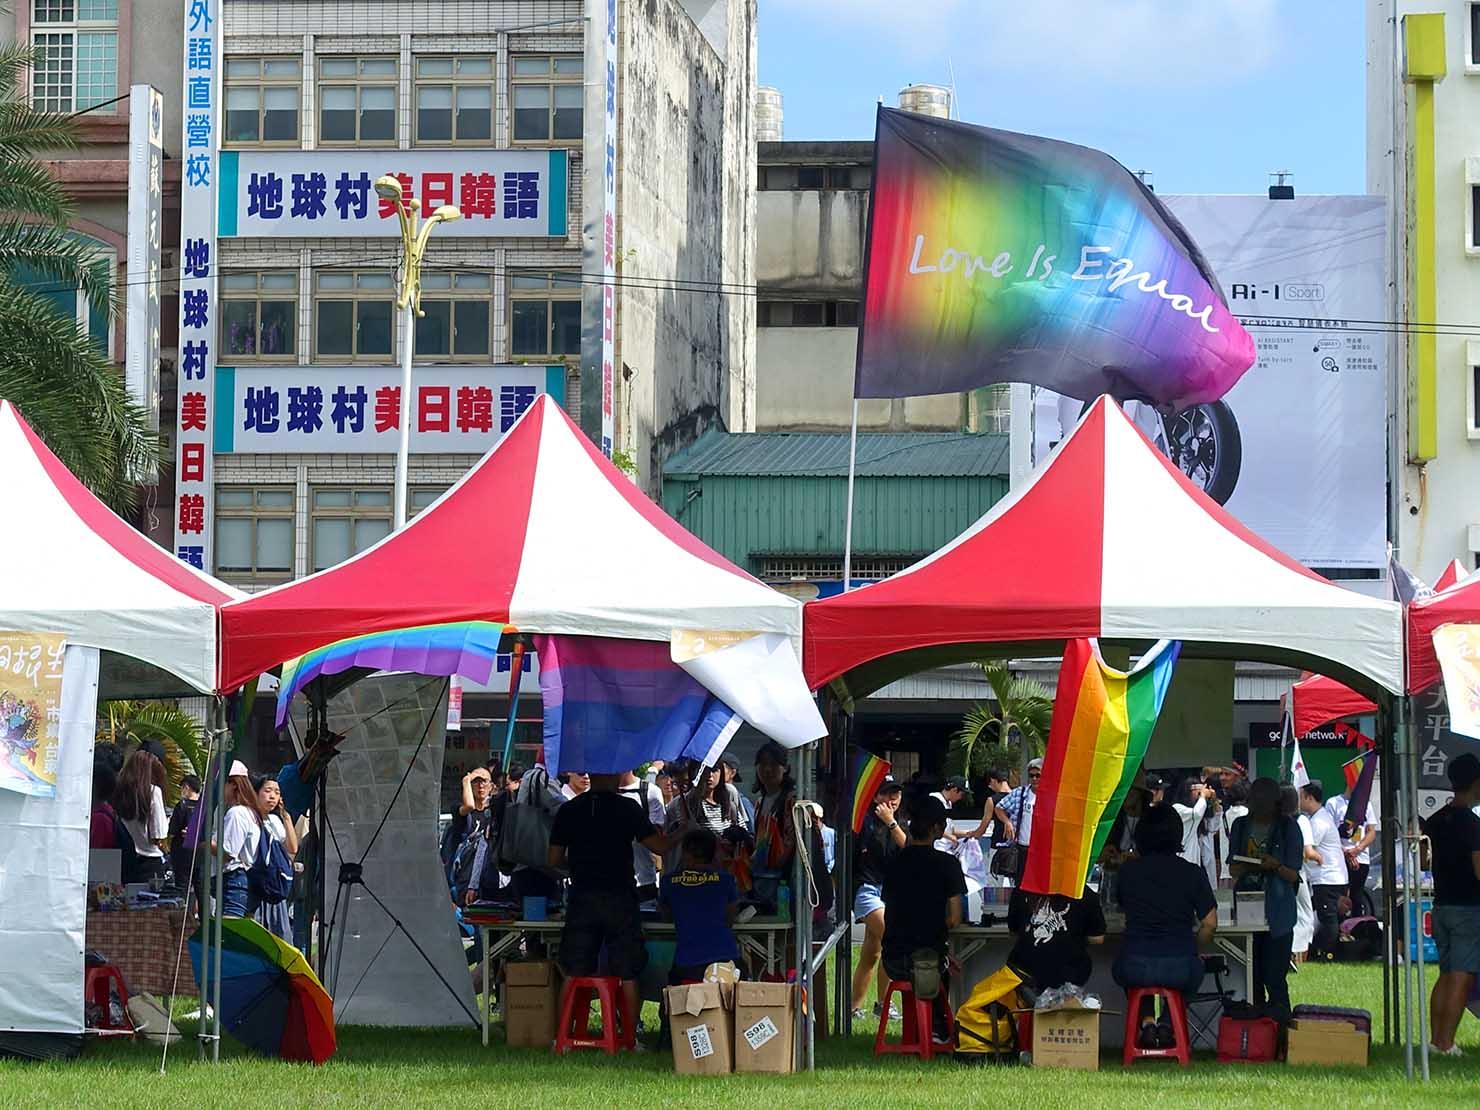 花東彩虹嘉年華(台湾東部LGBTプライド)の会場にはためく「Love is Equal」の旗